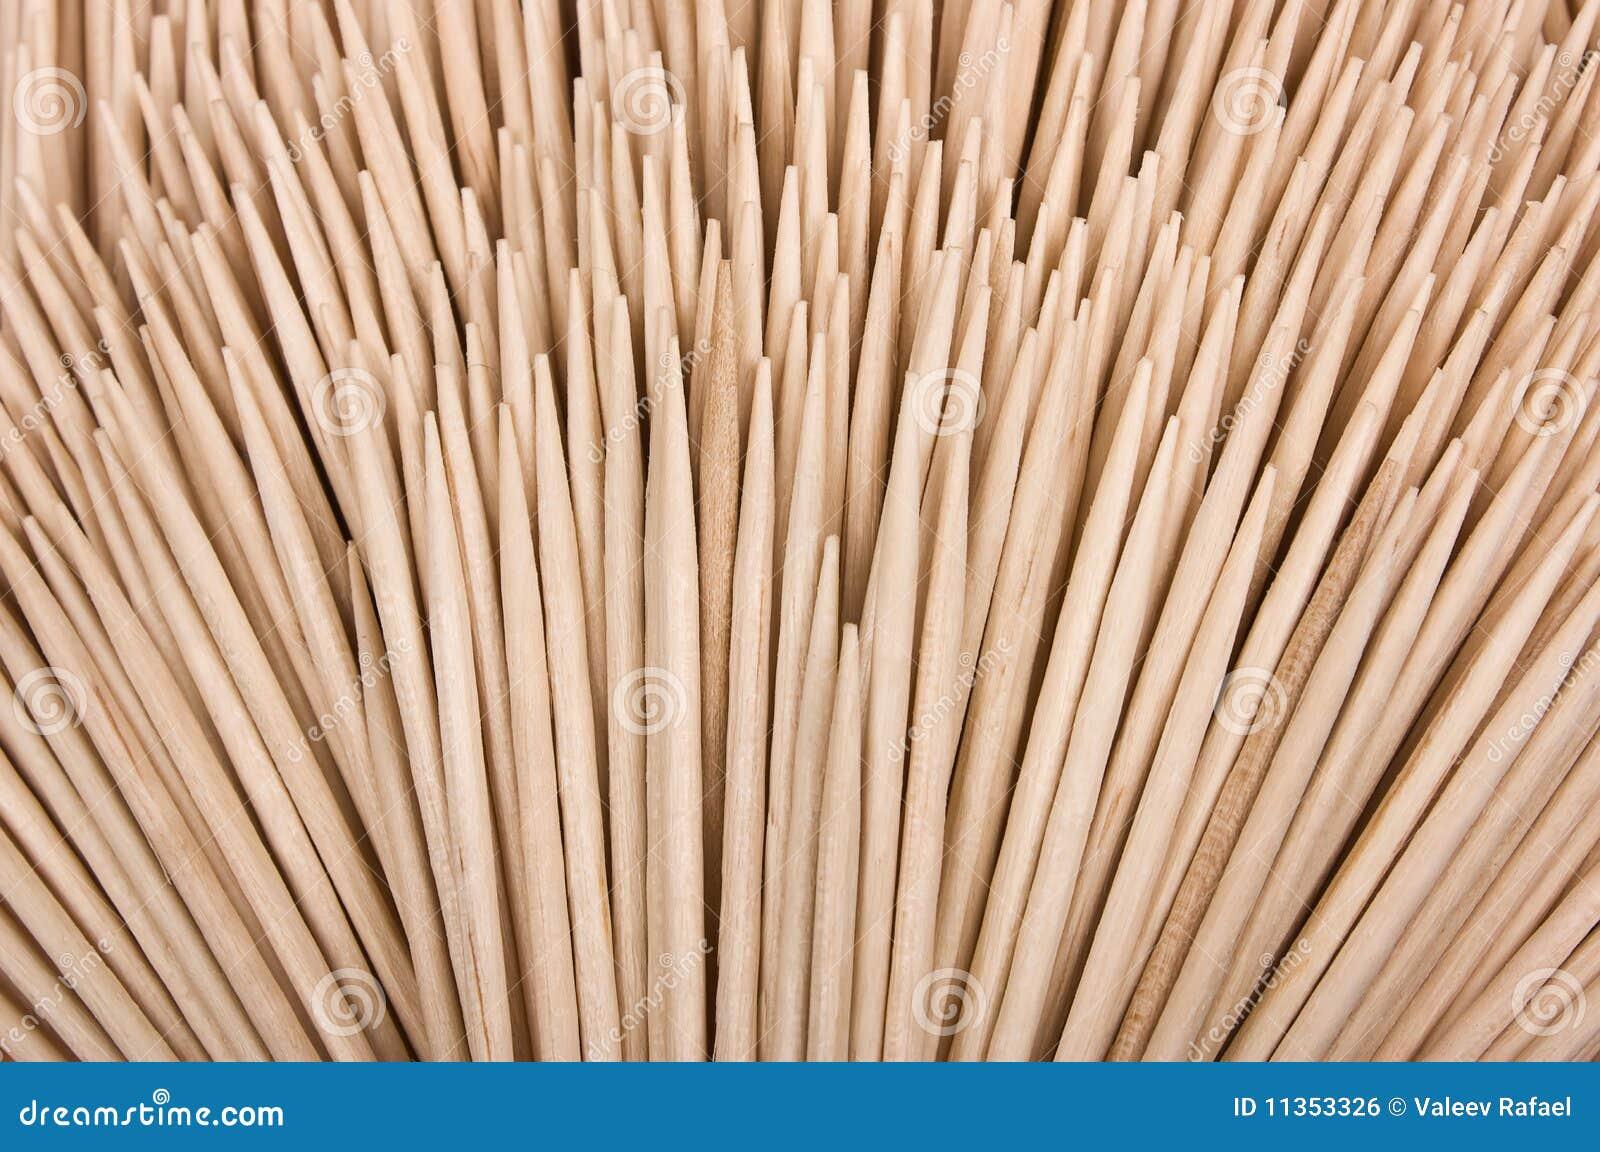 Legno di bianco dei toothpicks isolato priorità bassa